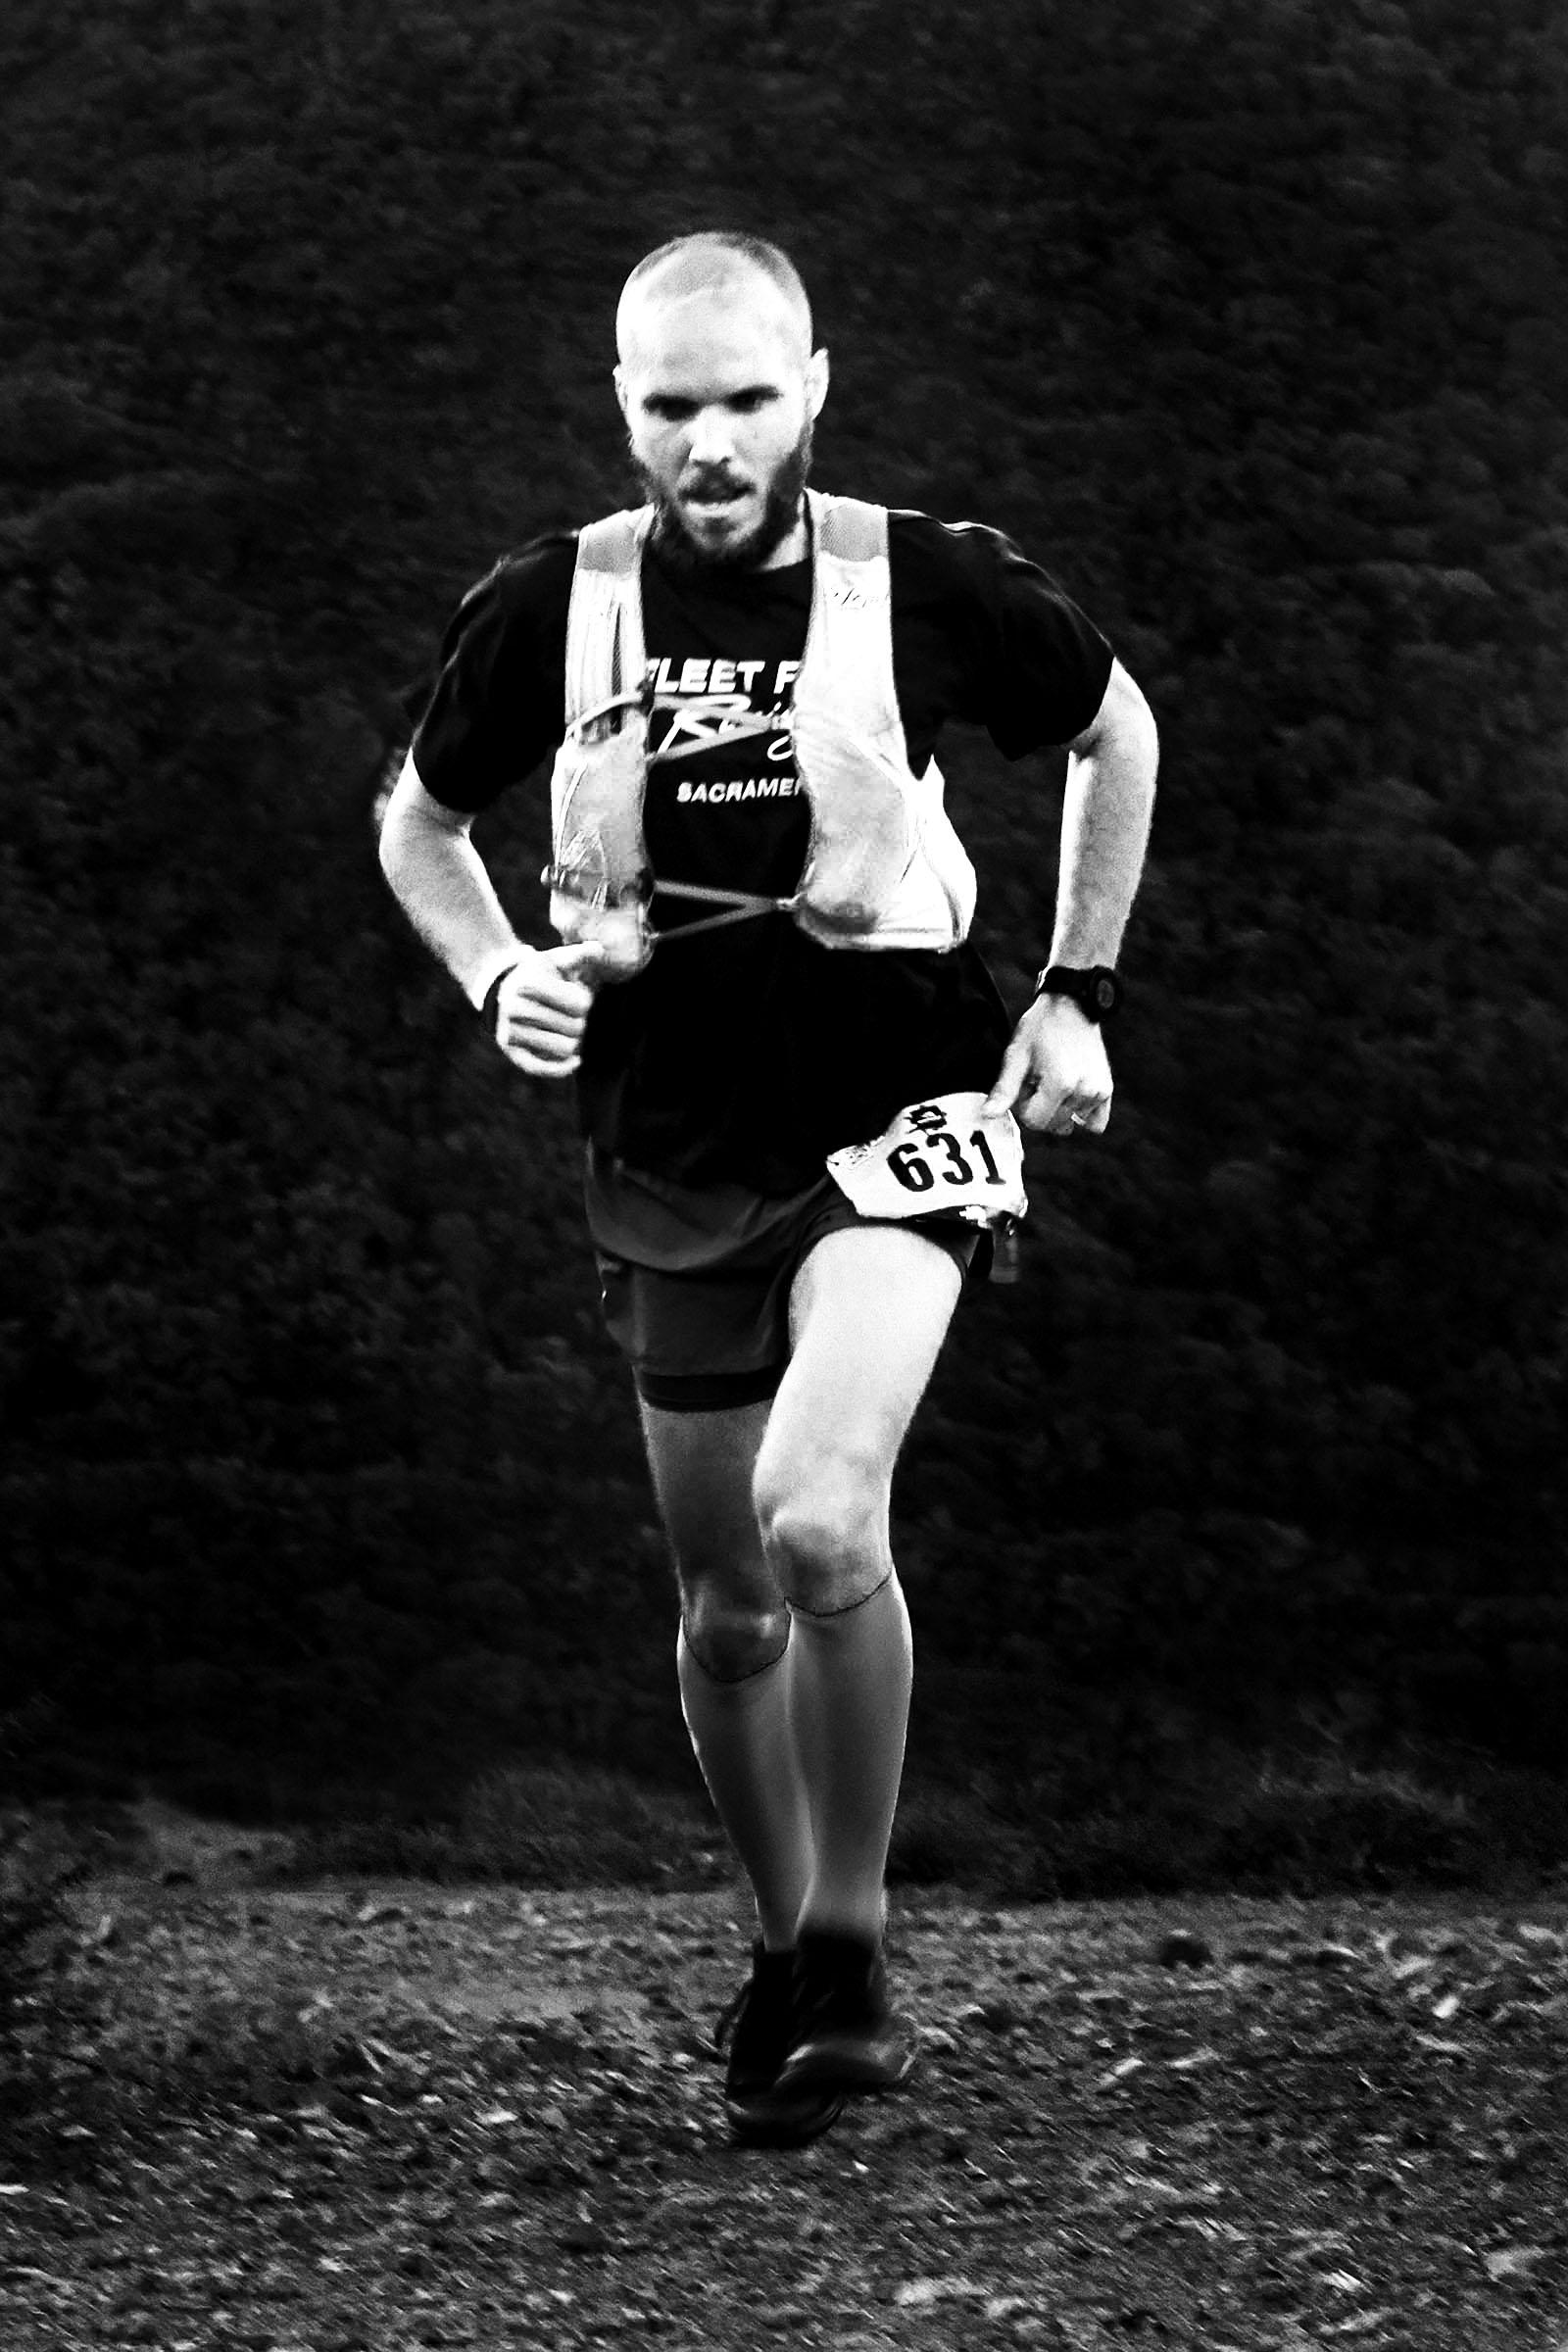 TEST-endurance-1 128-2.jpg